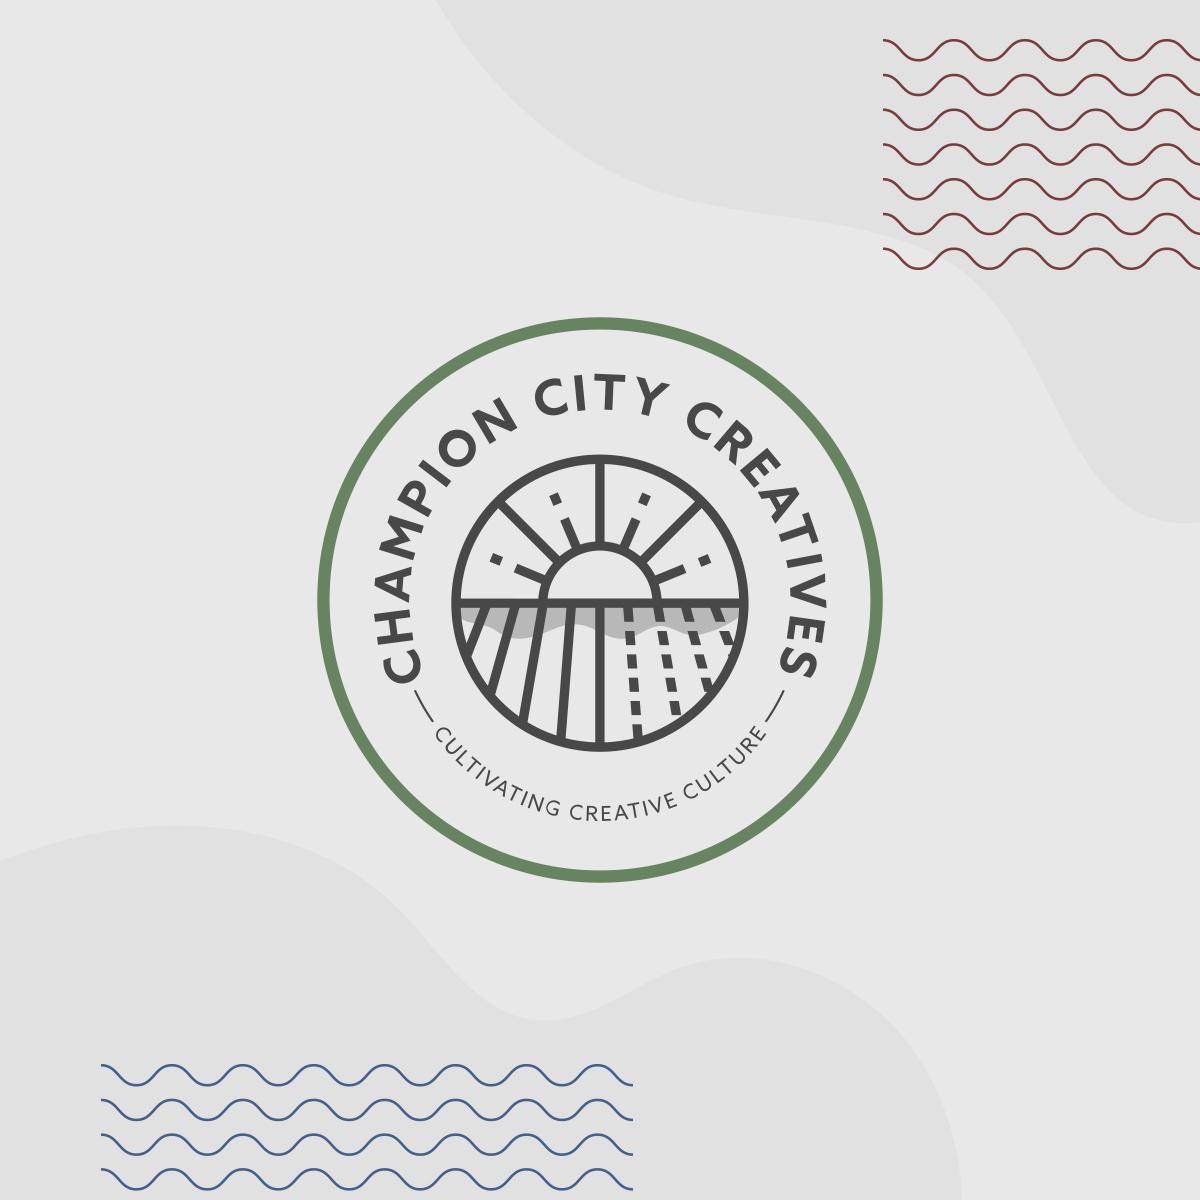 Champion-City-Creatives-Teritary-Logo.jpg